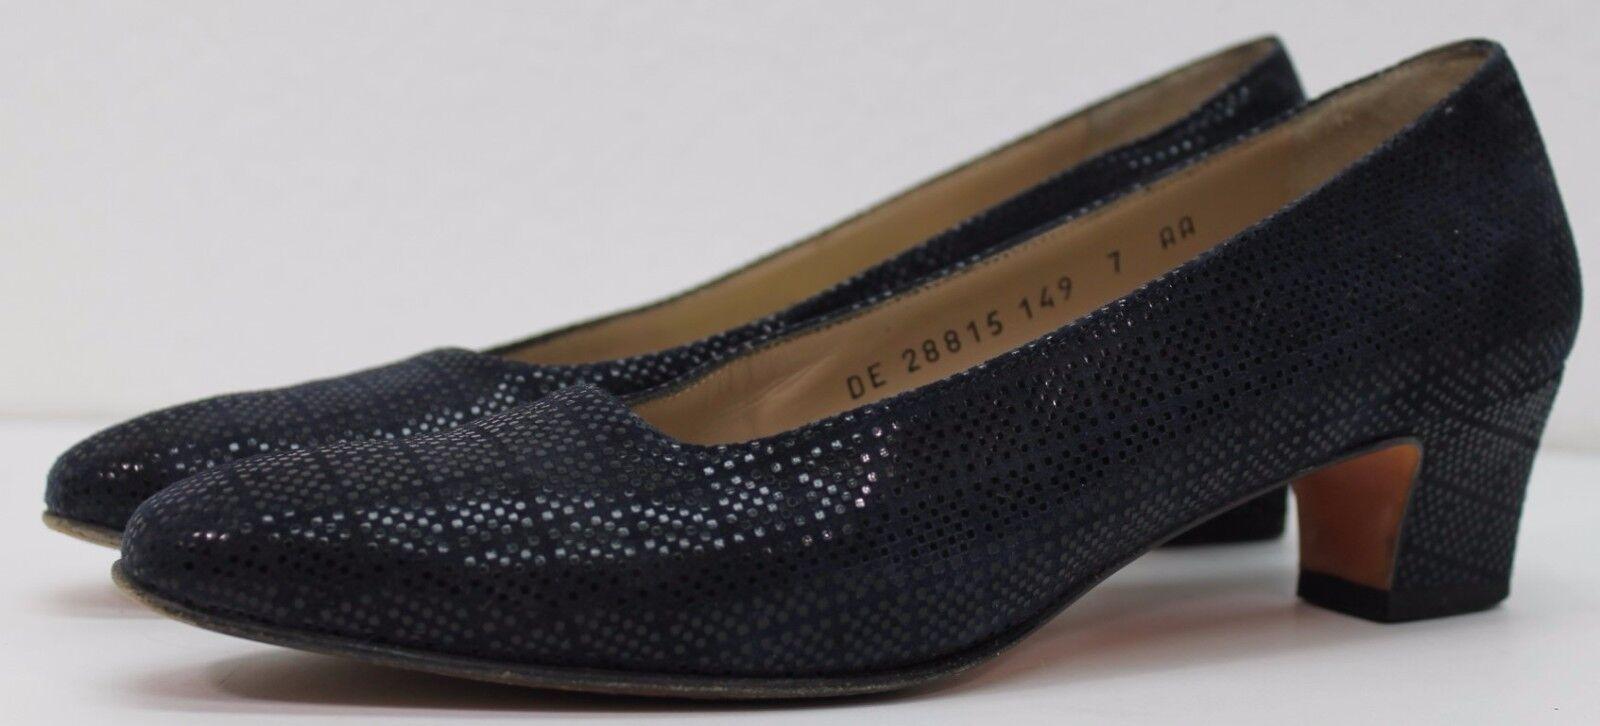 Salvatore Ferragamo Navy bluee Suede Pumps 1.5  high heels Size 7 AA Narrow US